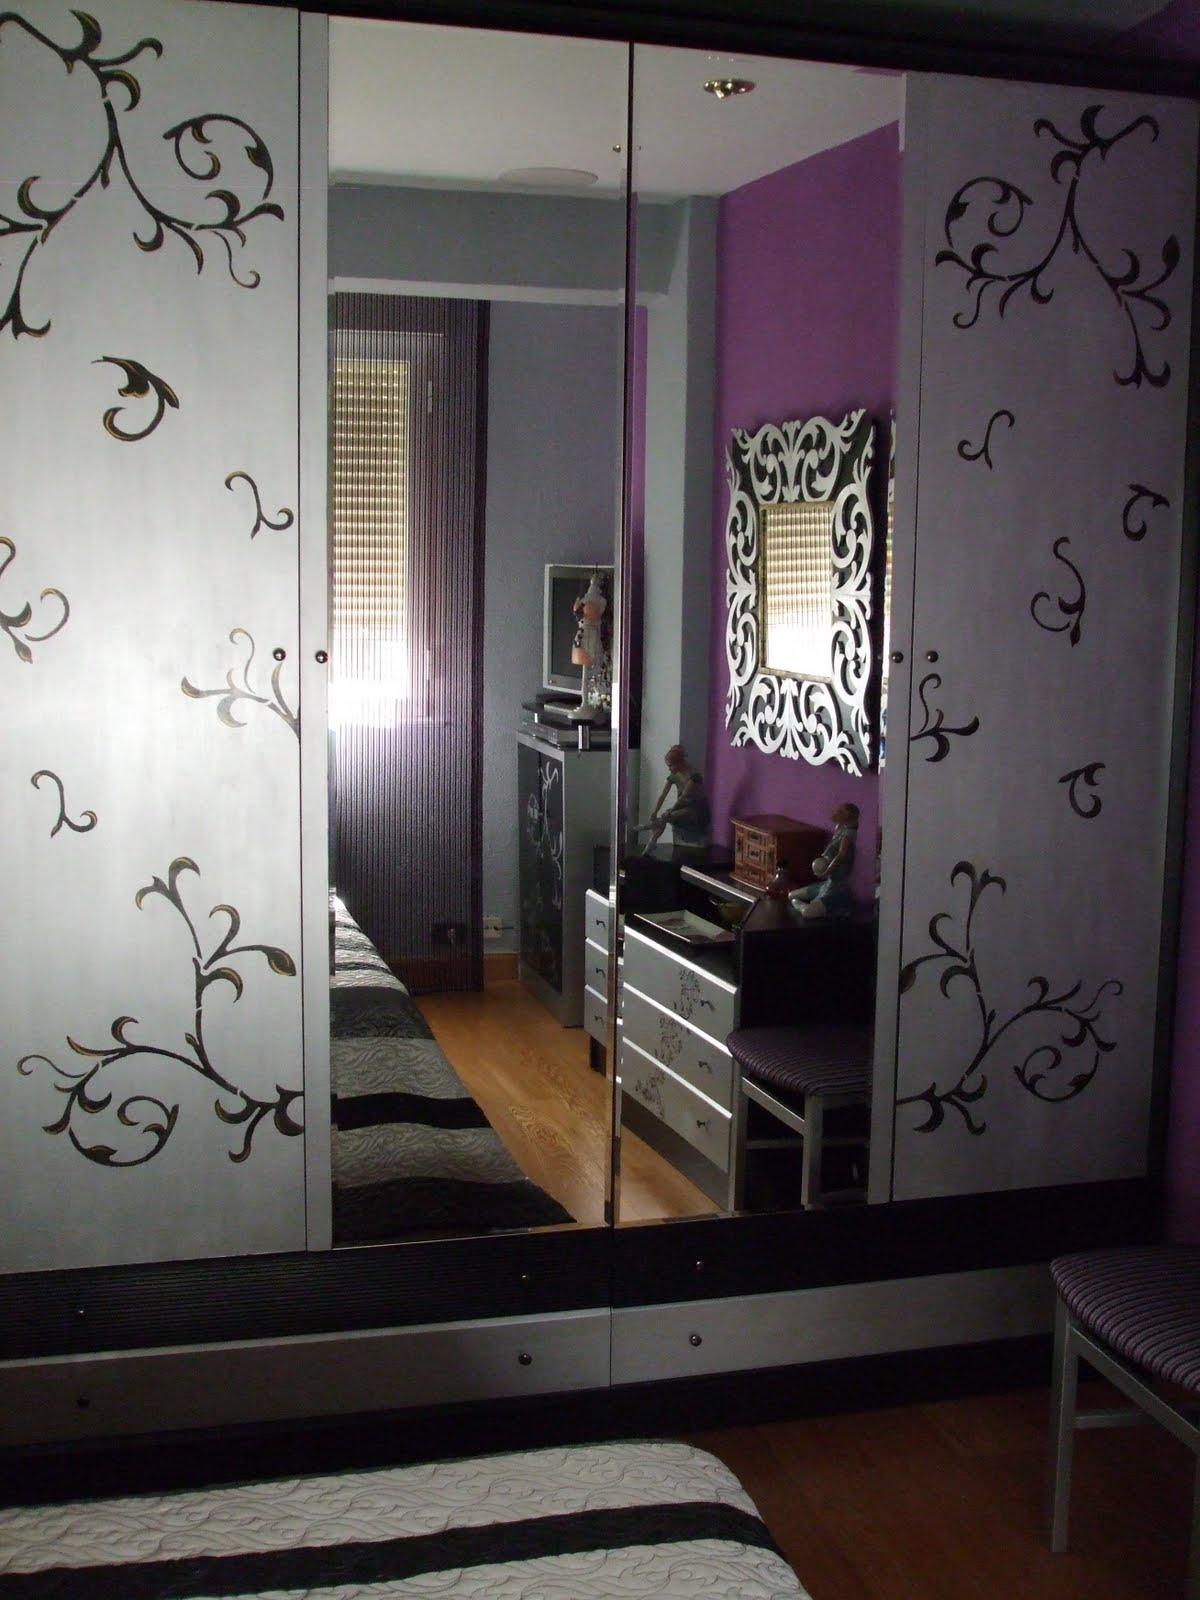 Decoracion en paredes con pintura utilisima for Decoracion con espejos en paredes